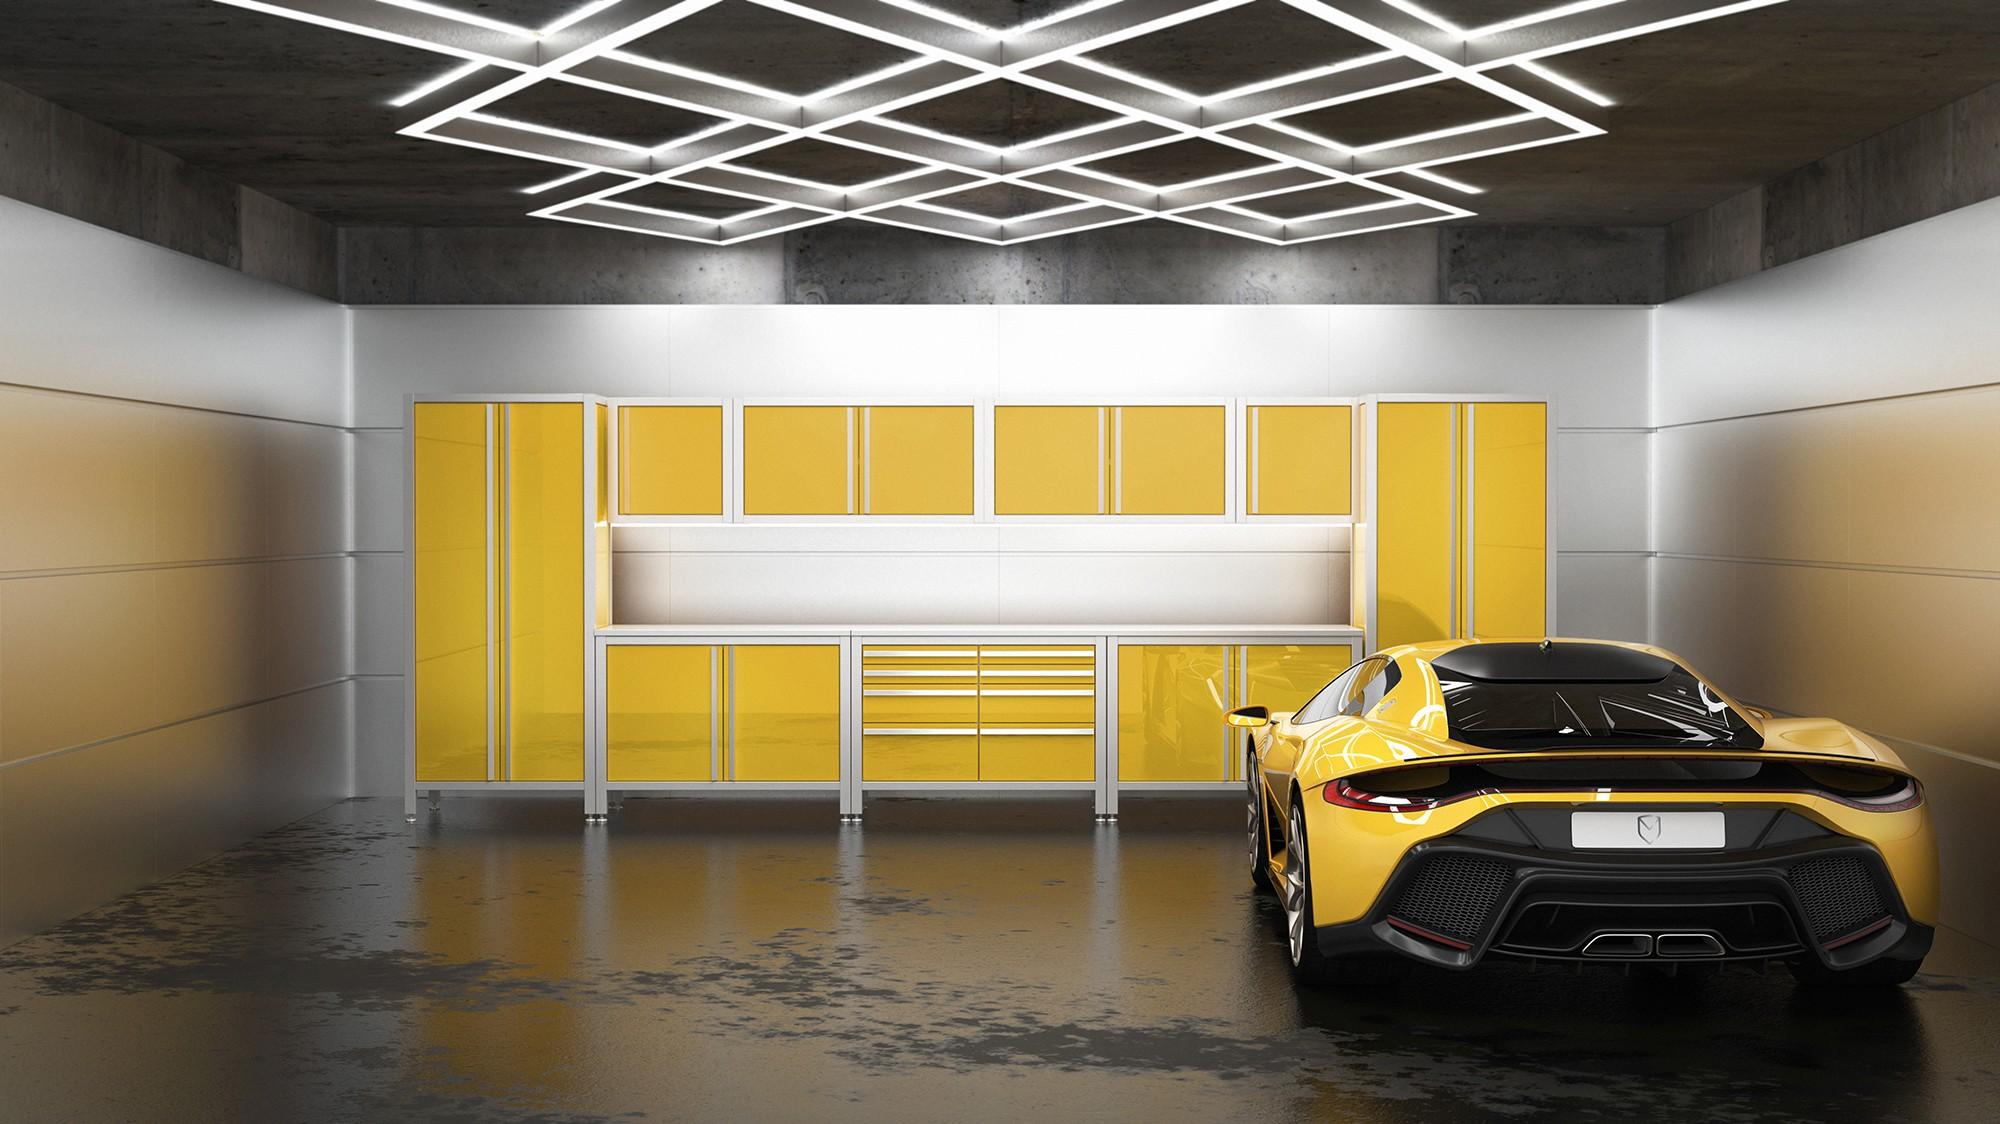 Luxusgarage für Sportwagen - Sportwagengarage - Werkstatt mit MASCAN Edelstahlmodulen in gelb